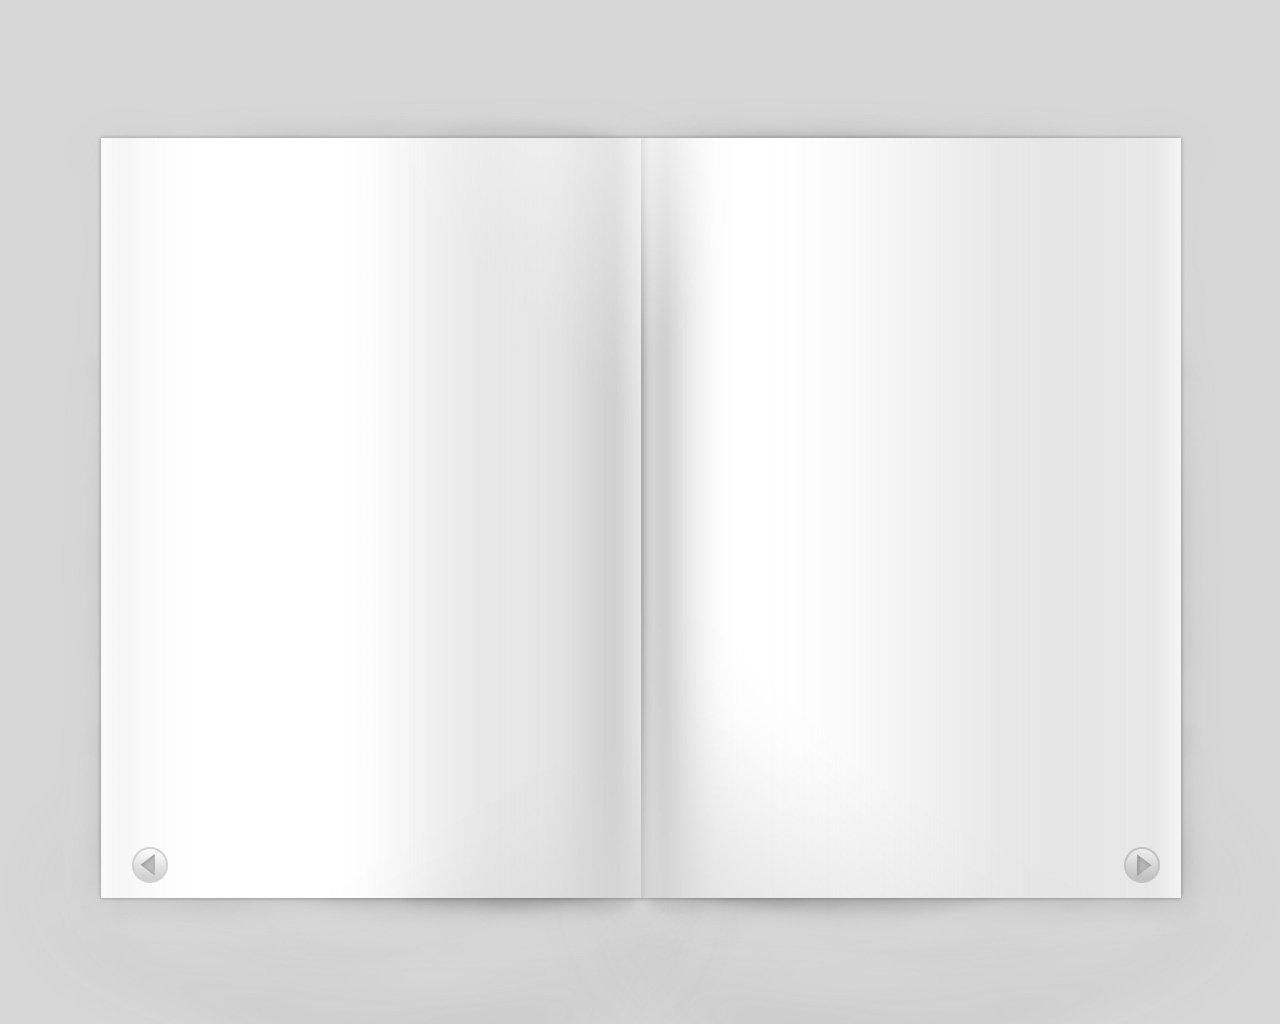 Tolle Zine Vorlage Bilder - Entry Level Resume Vorlagen Sammlung ...